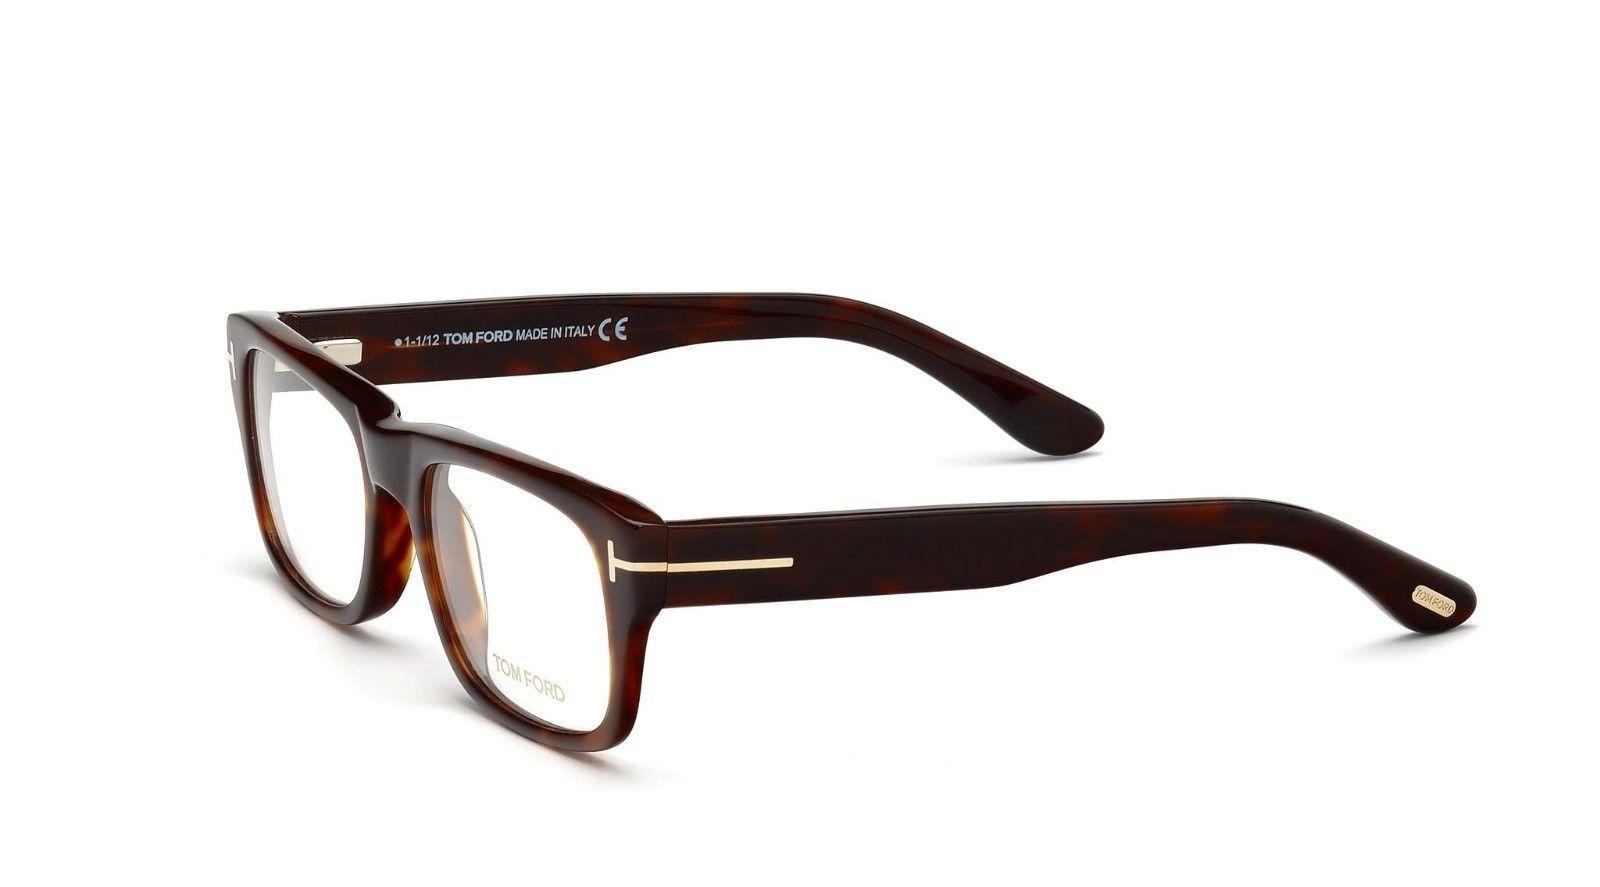 Custom Made Eyeglass Frames New York : Tom Ford FT 5253 052 Havana Acetate Full-frame Eyeglasses ...